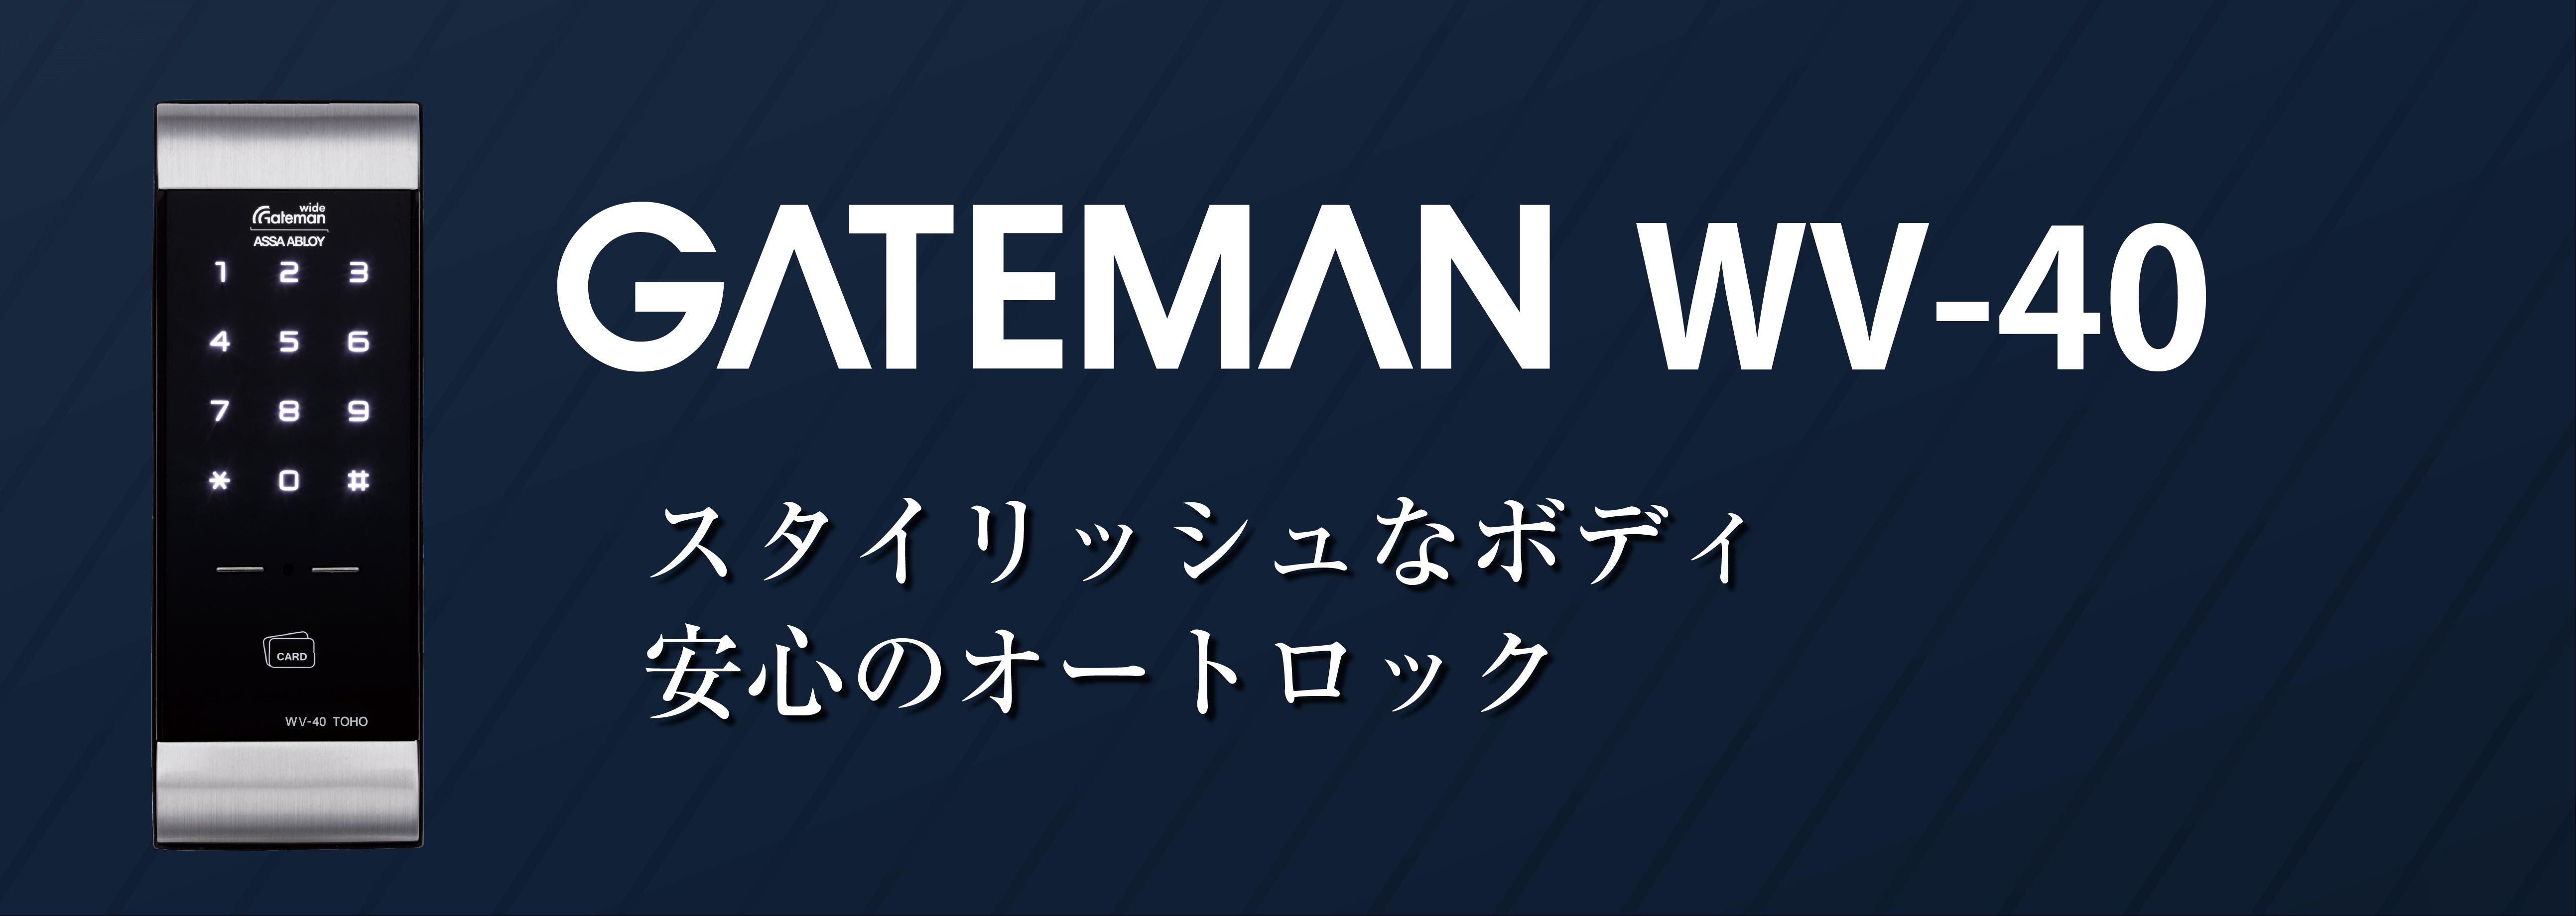 画像:GATEMAN WV-40